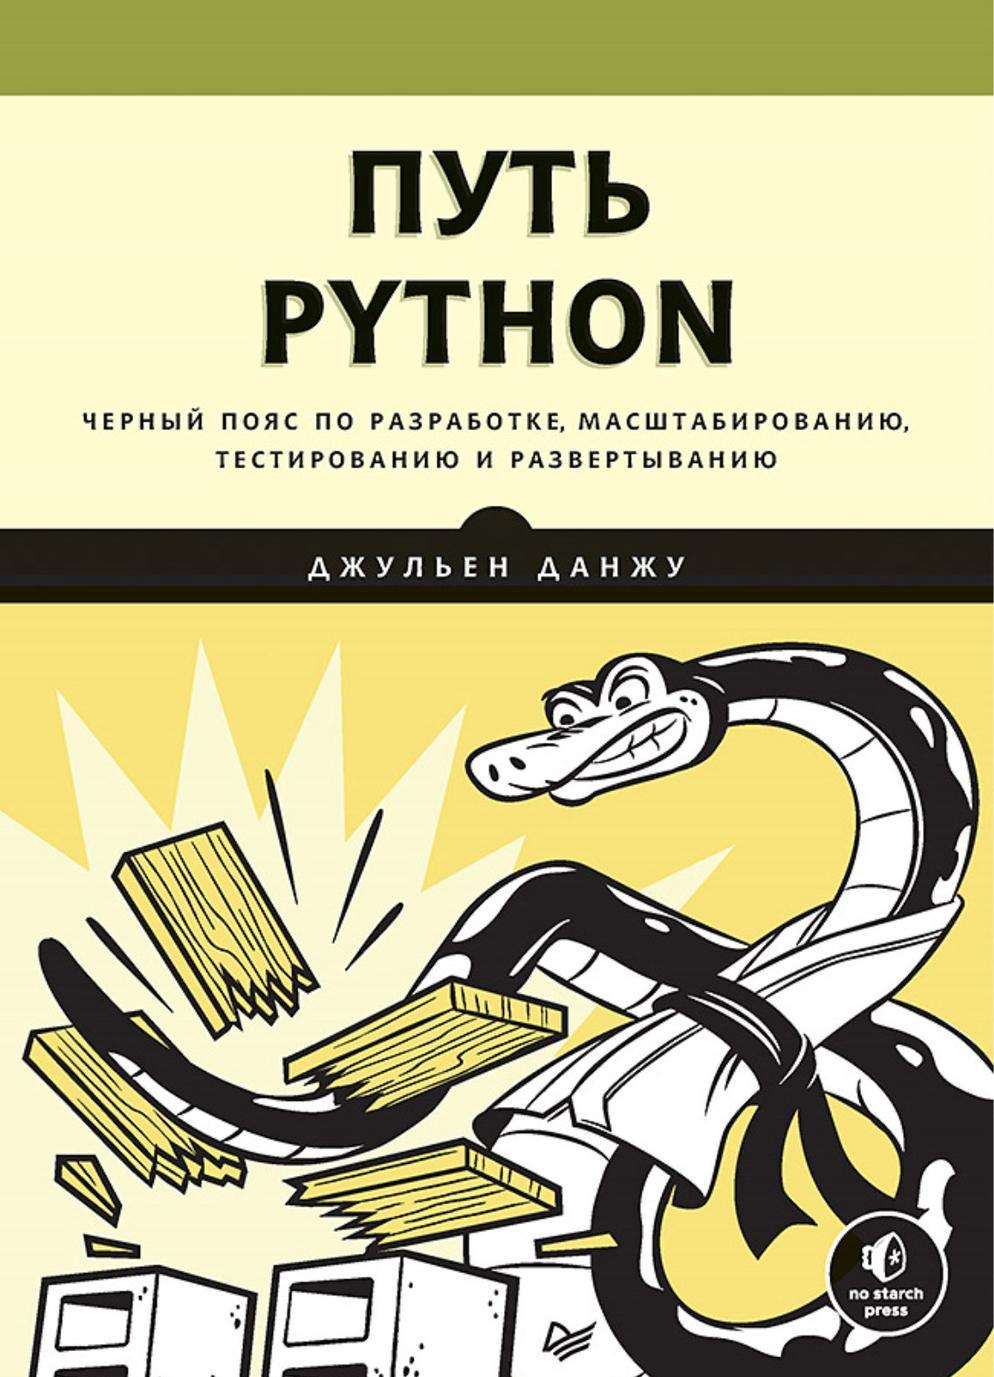 Put Python. Chernyj pojas po razrabotke, masshtabirovaniju, testirovaniju i razvertyvaniju